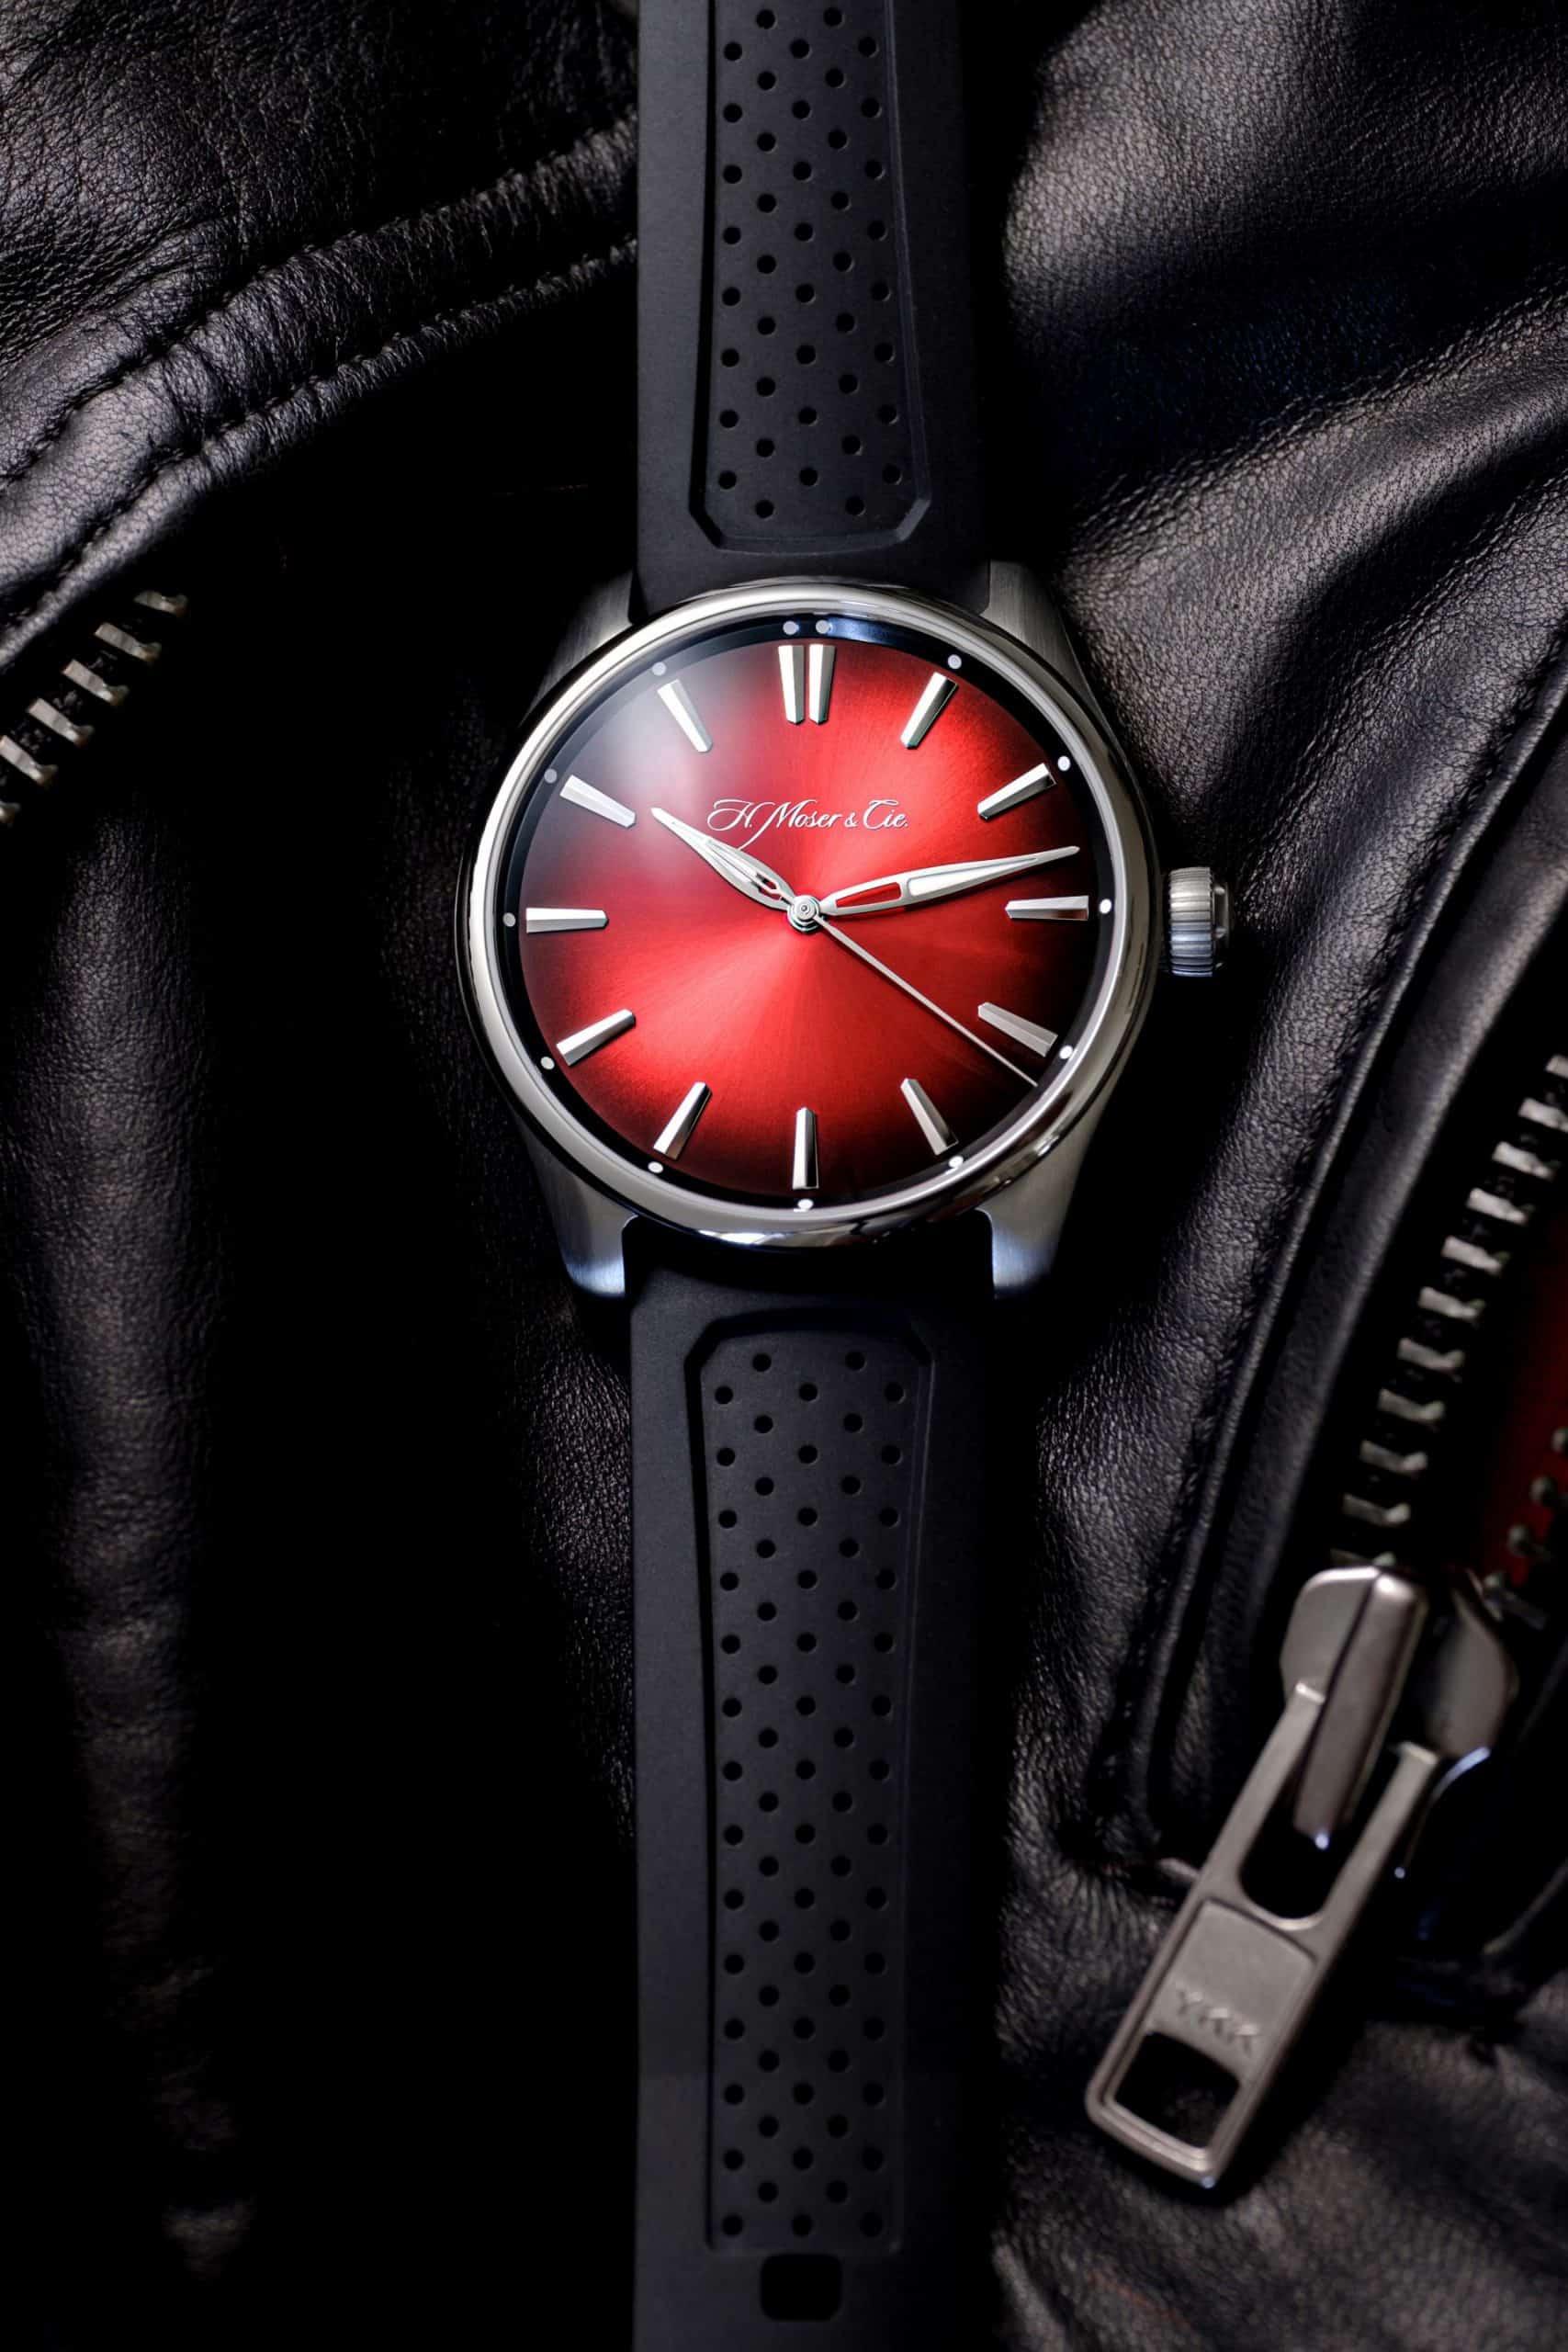 Das Zifferblatt der H. Moser Uhr Pioneer Centre Seconds Swiss Mad Red ist unübersehbar.